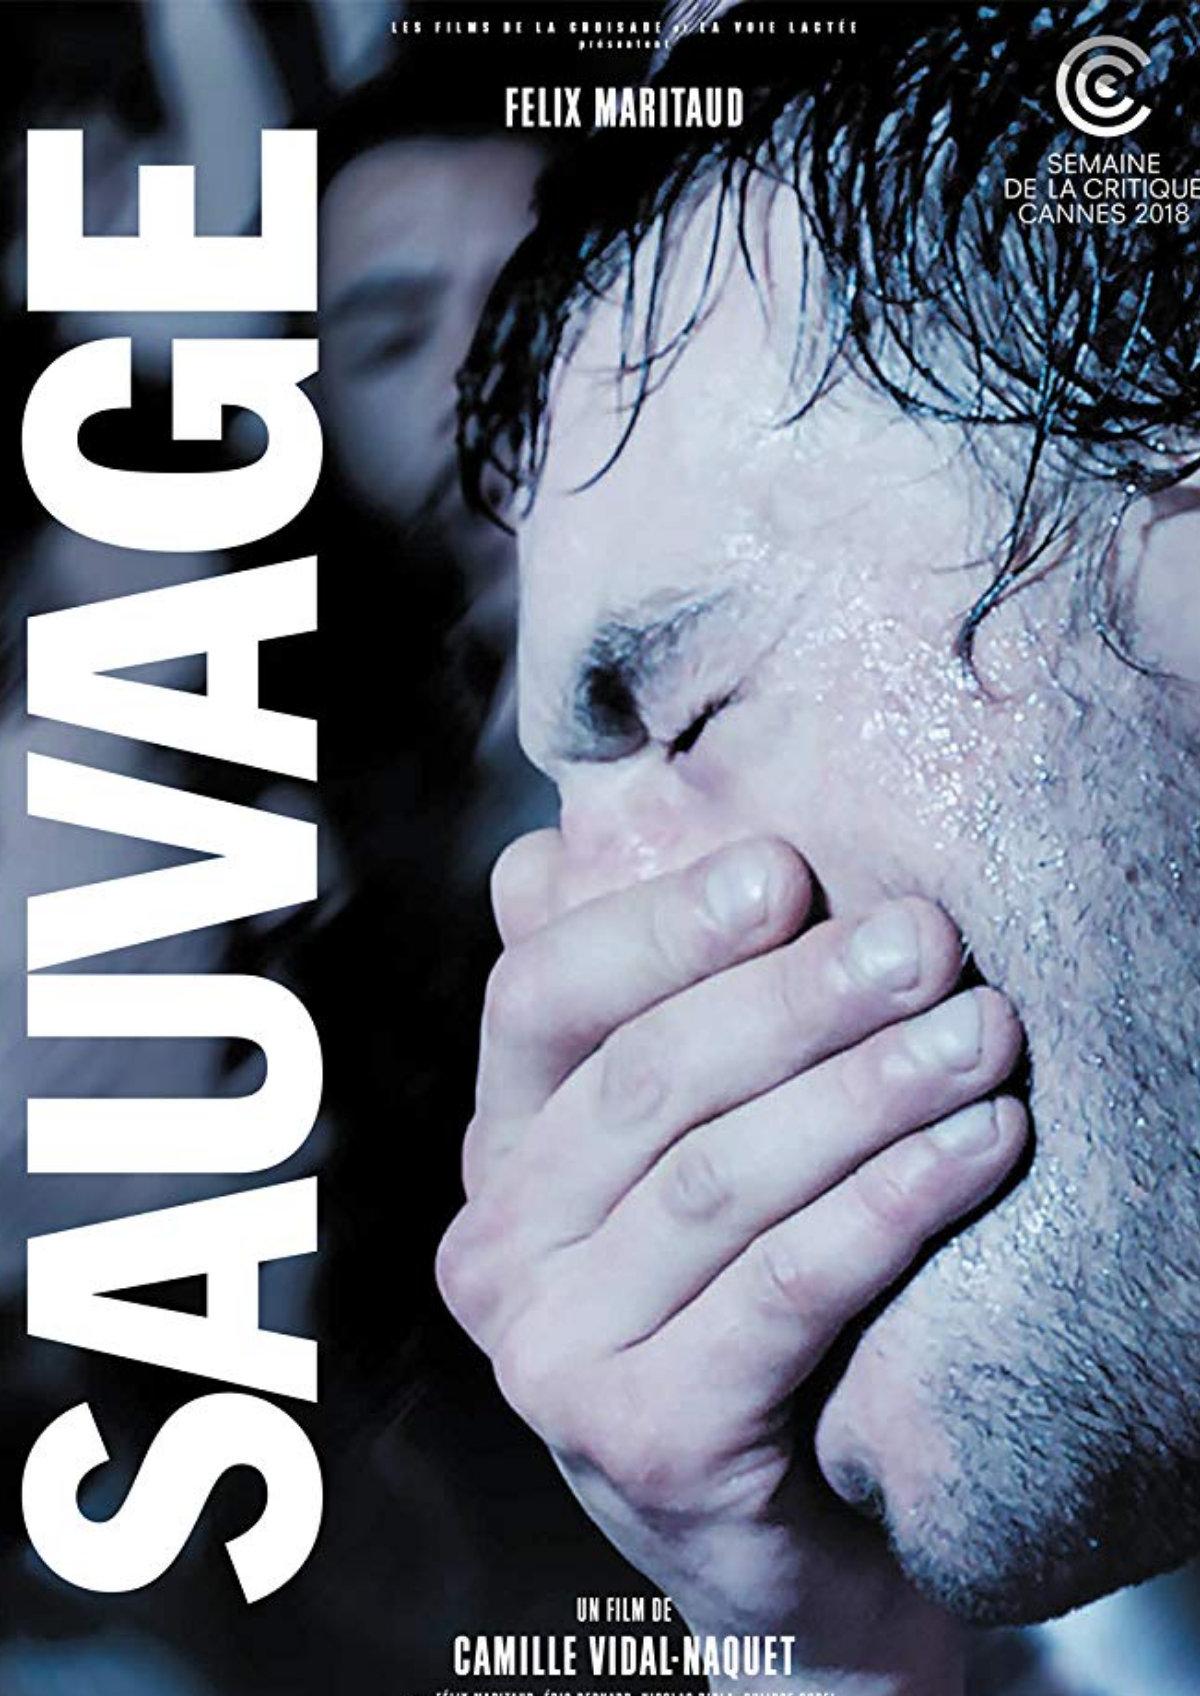 Sauvage Film